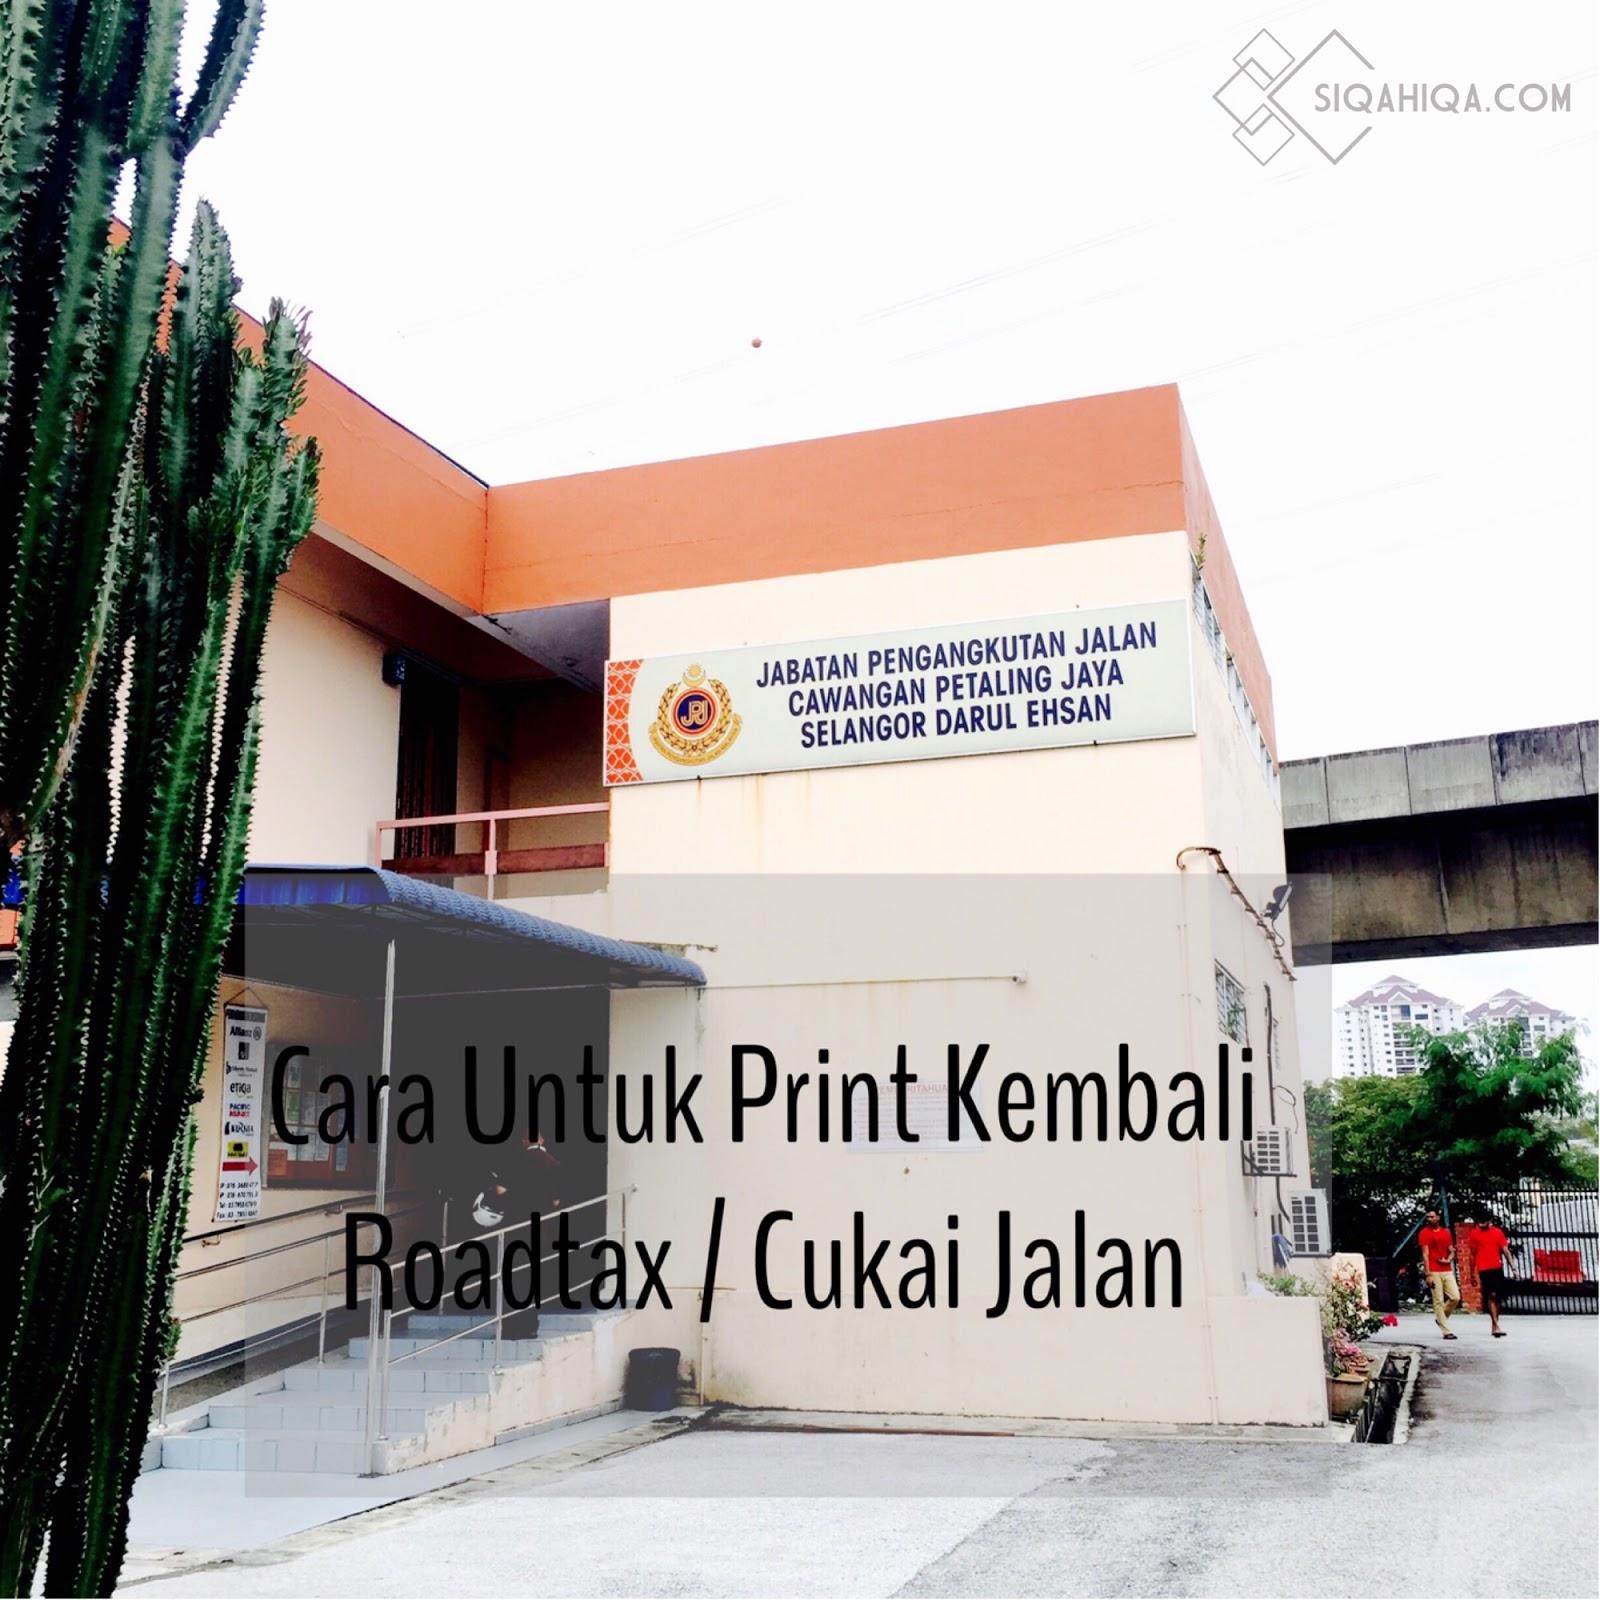 Cara Untuk Print Kembali Roadtax / Cukai Jalan